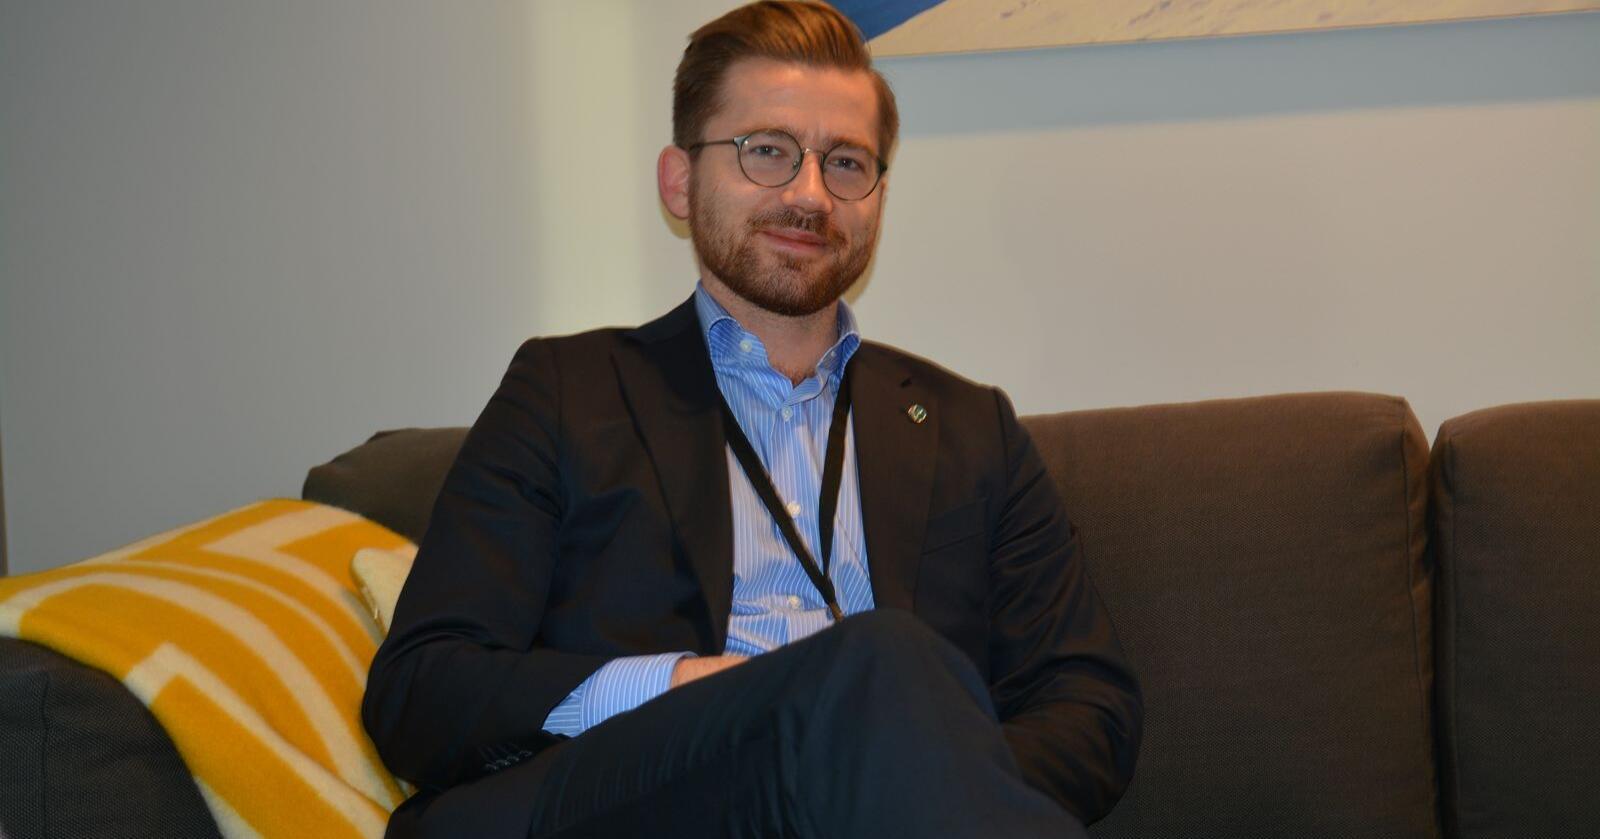 Ønsker omstilling: – Litt uavhengig av hva regjeringen foreslår, tror jeg bøndene gjør klokt i å slå seg til ro med at kjøttkonsumet har nådd en topp. Jeg er ganske sikker på det, sier ny klima- og miljøminister Sveinung Rotevatn (V). (Foto: Anders Sandbu)